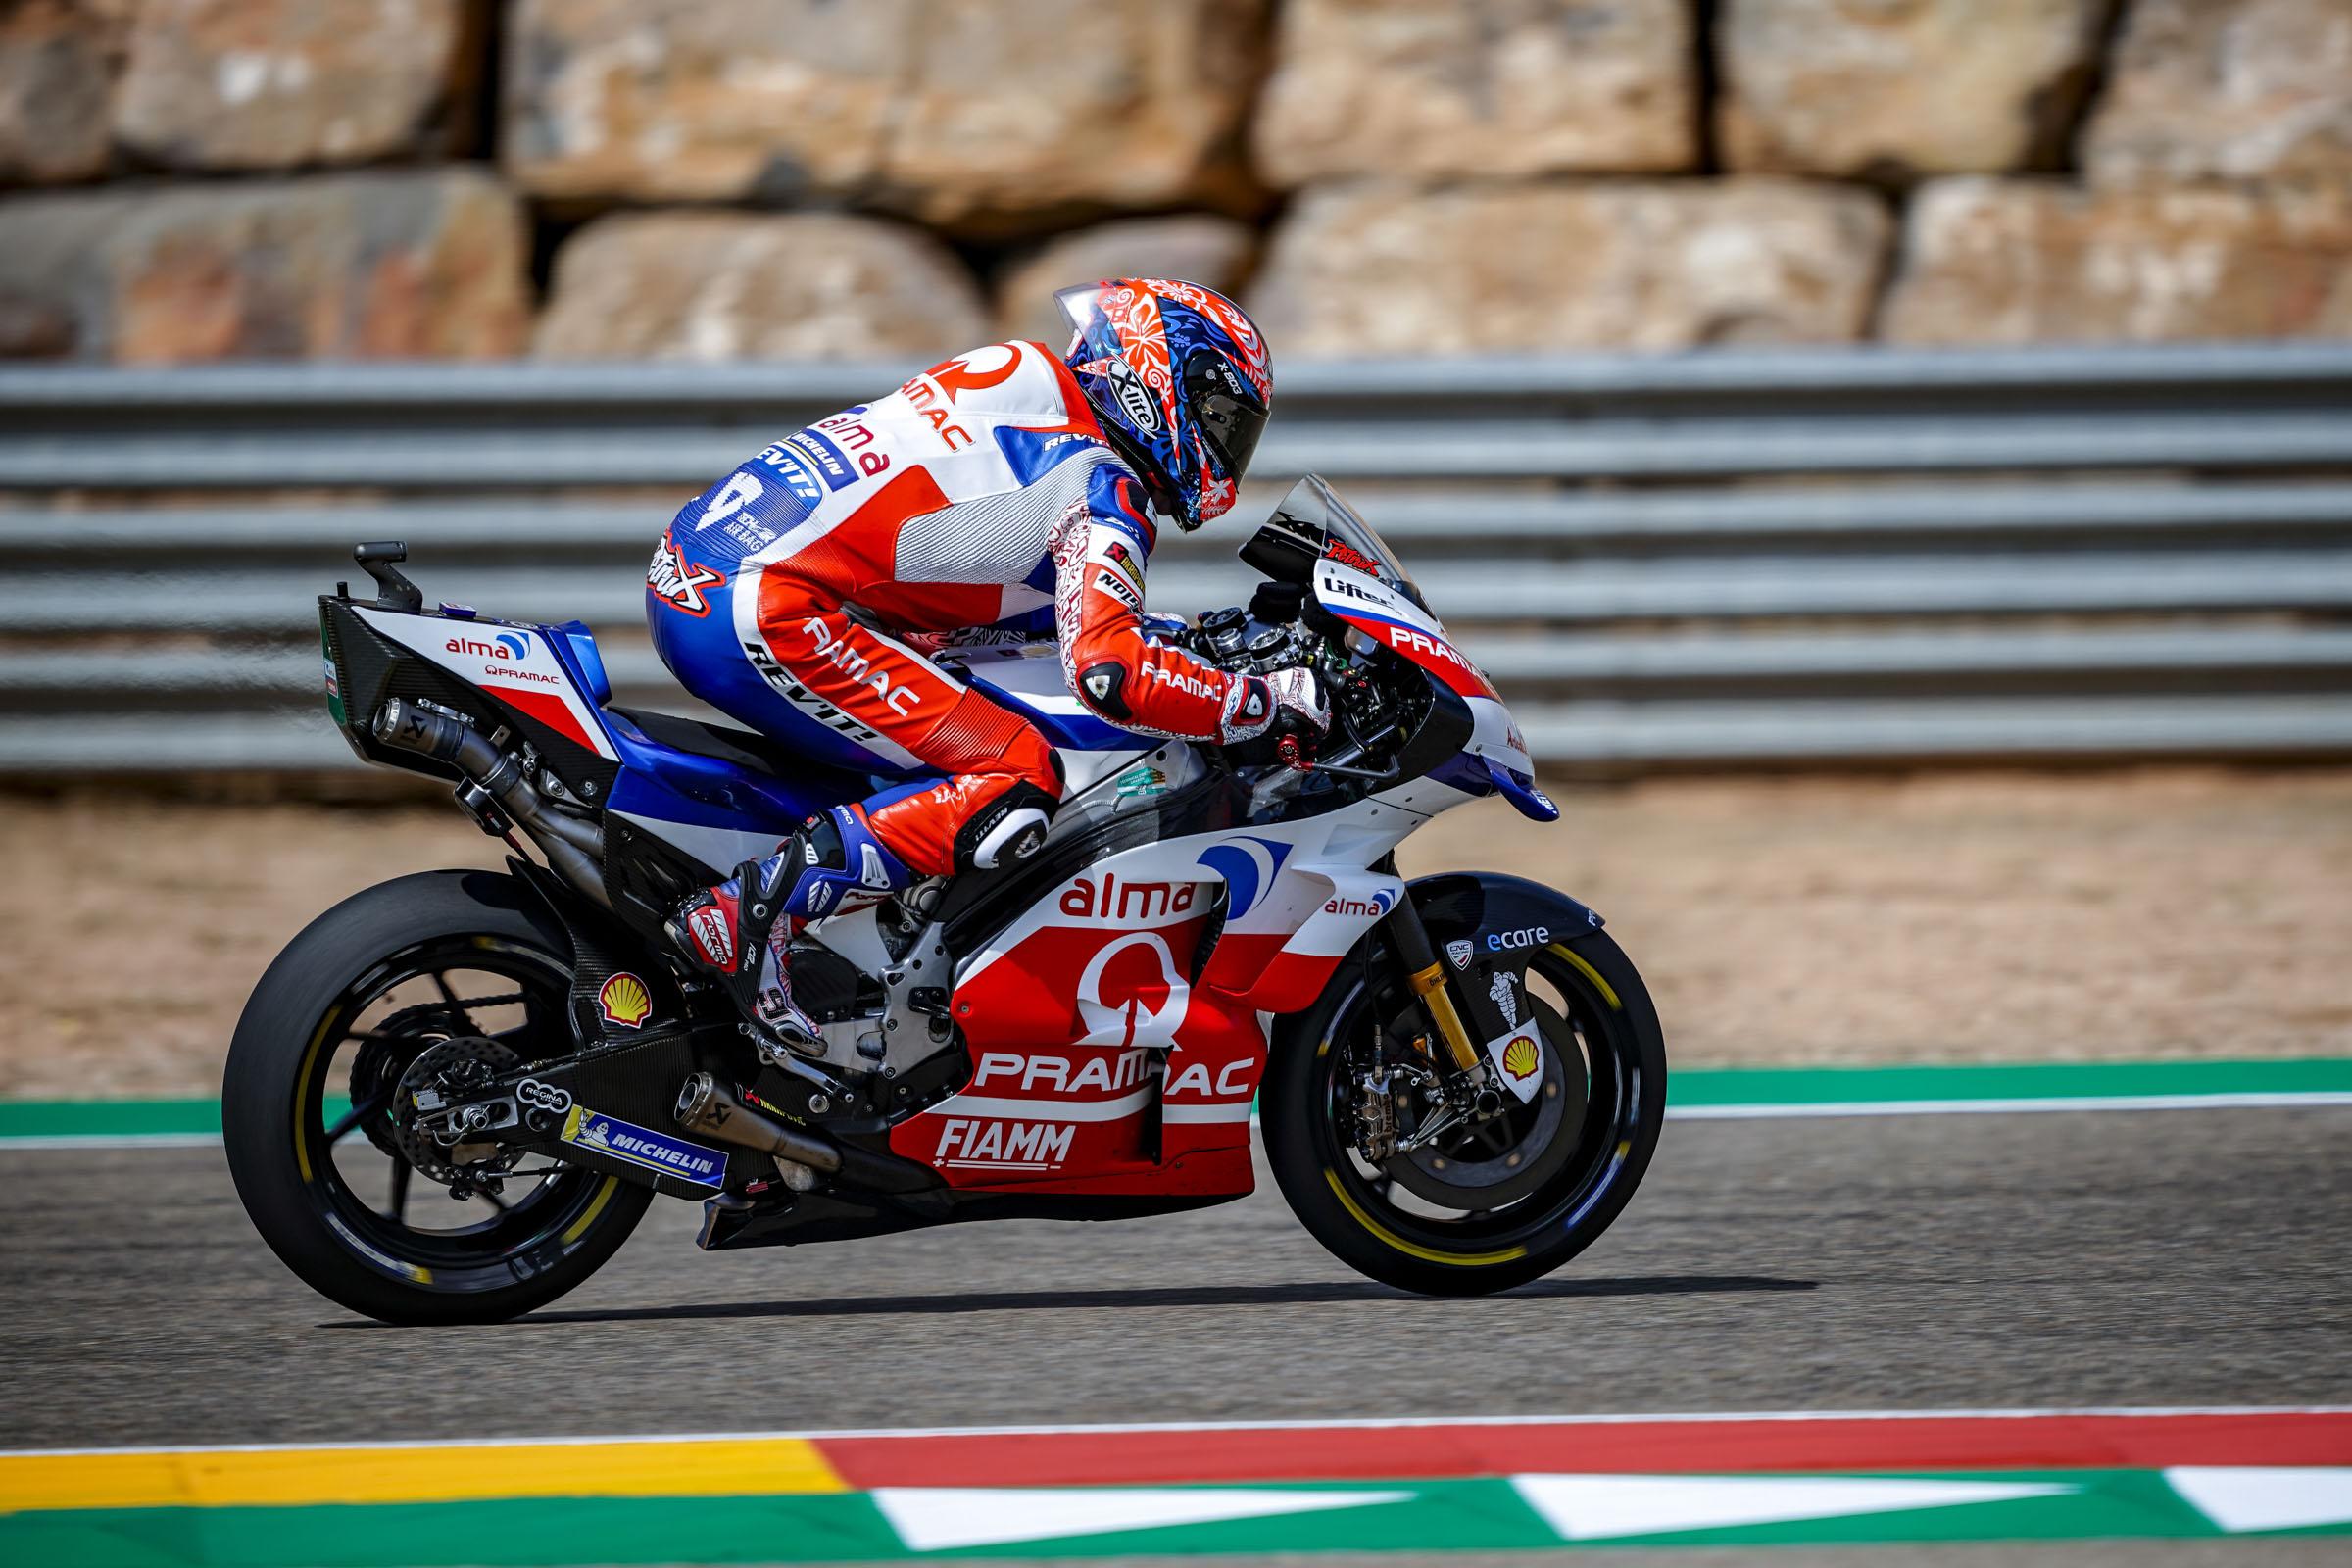 MotoGP 2018 Aragòn, Risultati PL2: Marquez replica alle Ducati